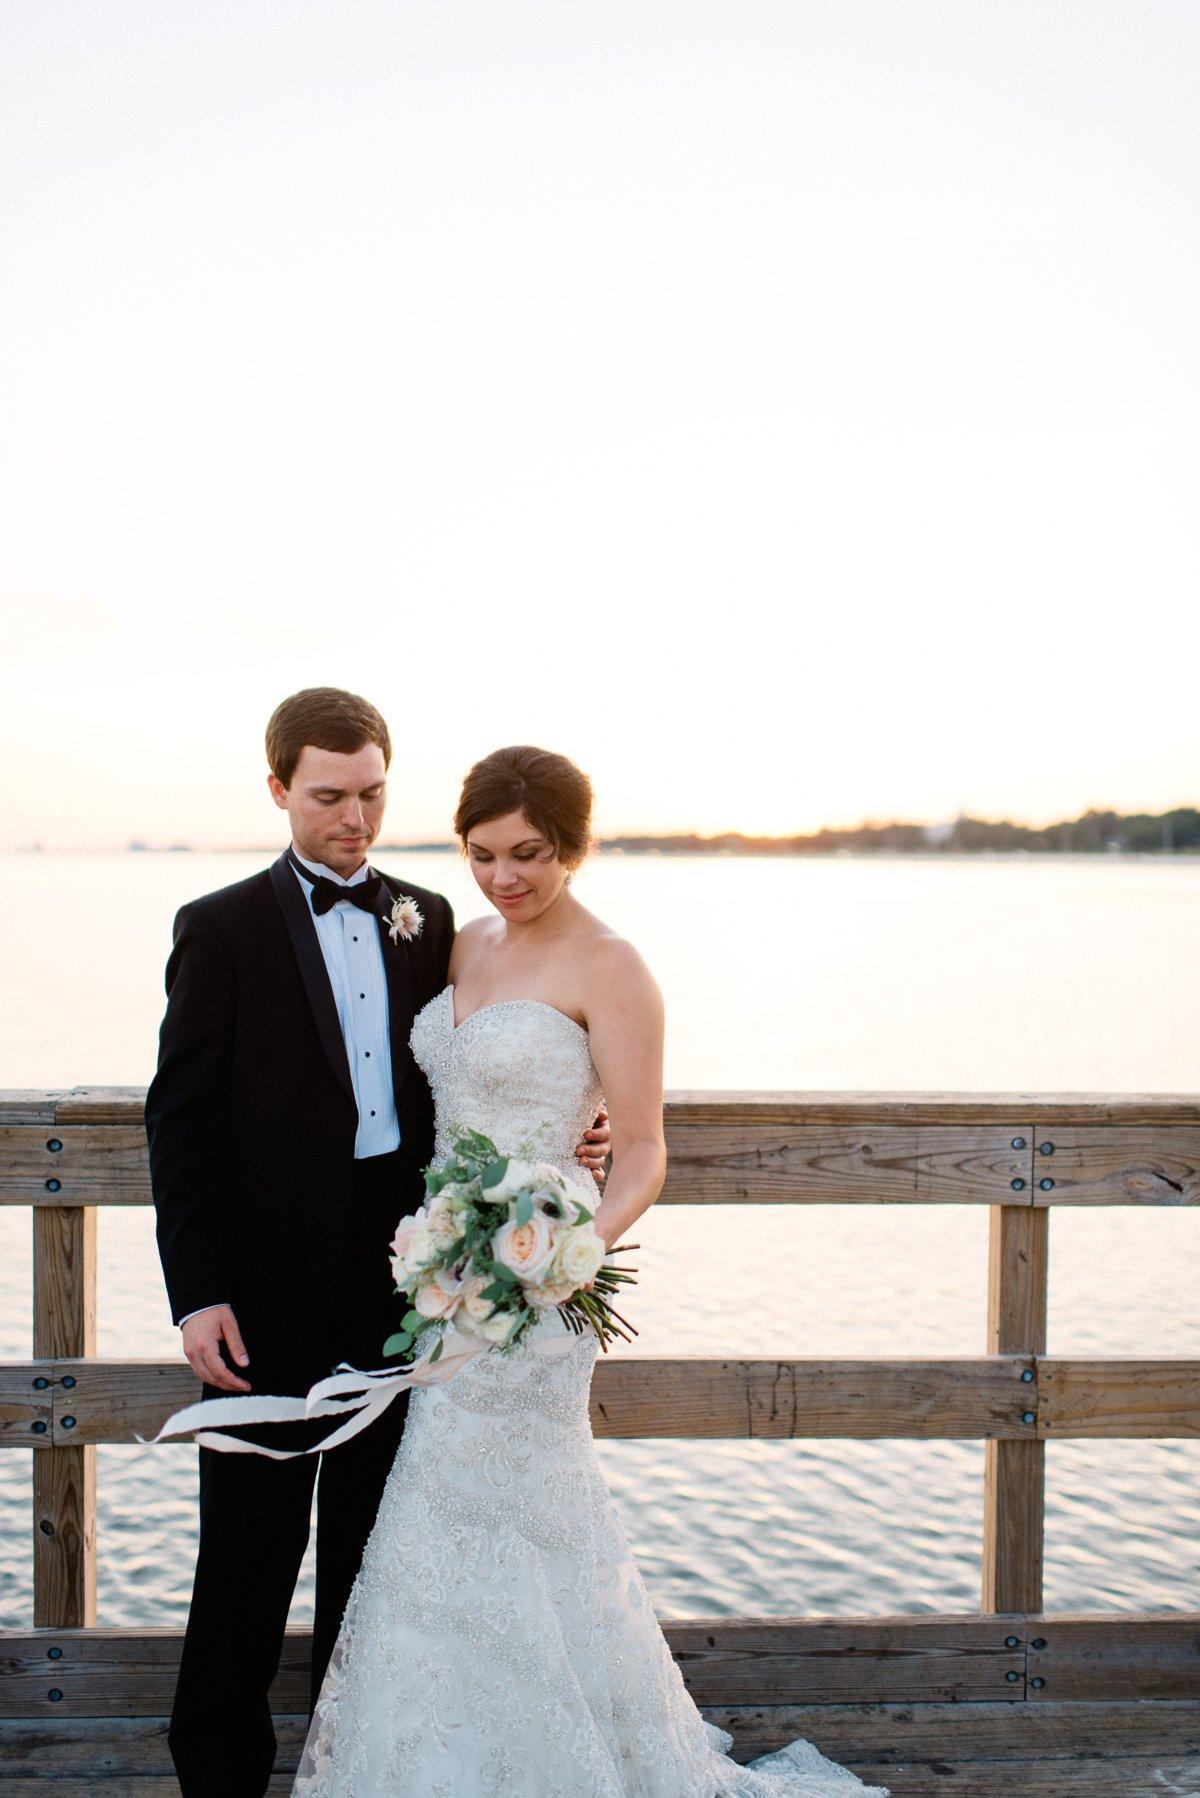 098_gulf_coast_biloxi_mississippi_wedding_photography